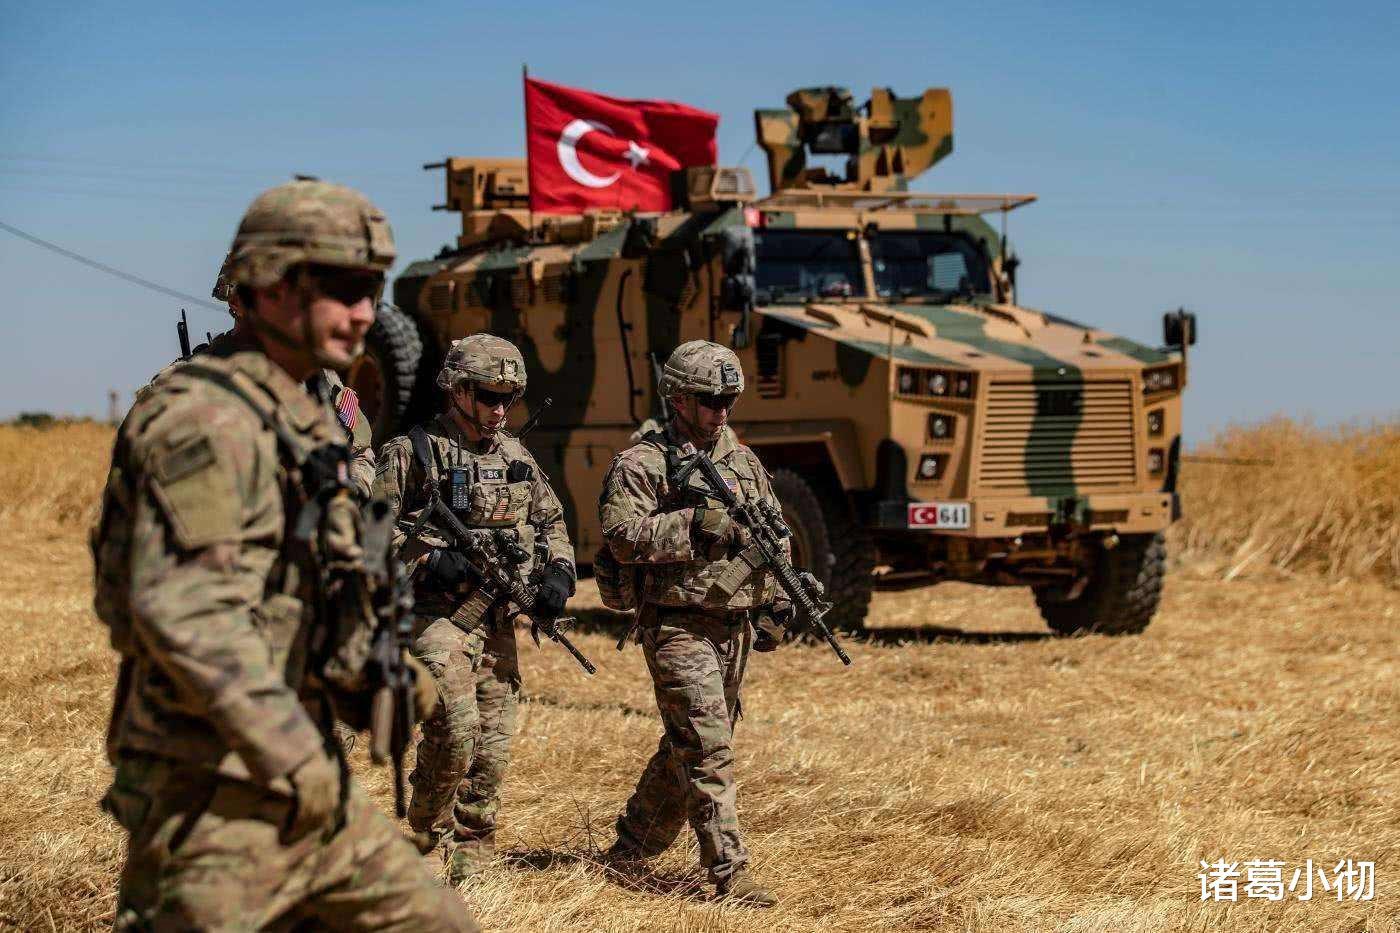 大批美軍剛撤走,土耳其就忍不住出手瞭,總統警告:立刻停止入侵-圖2